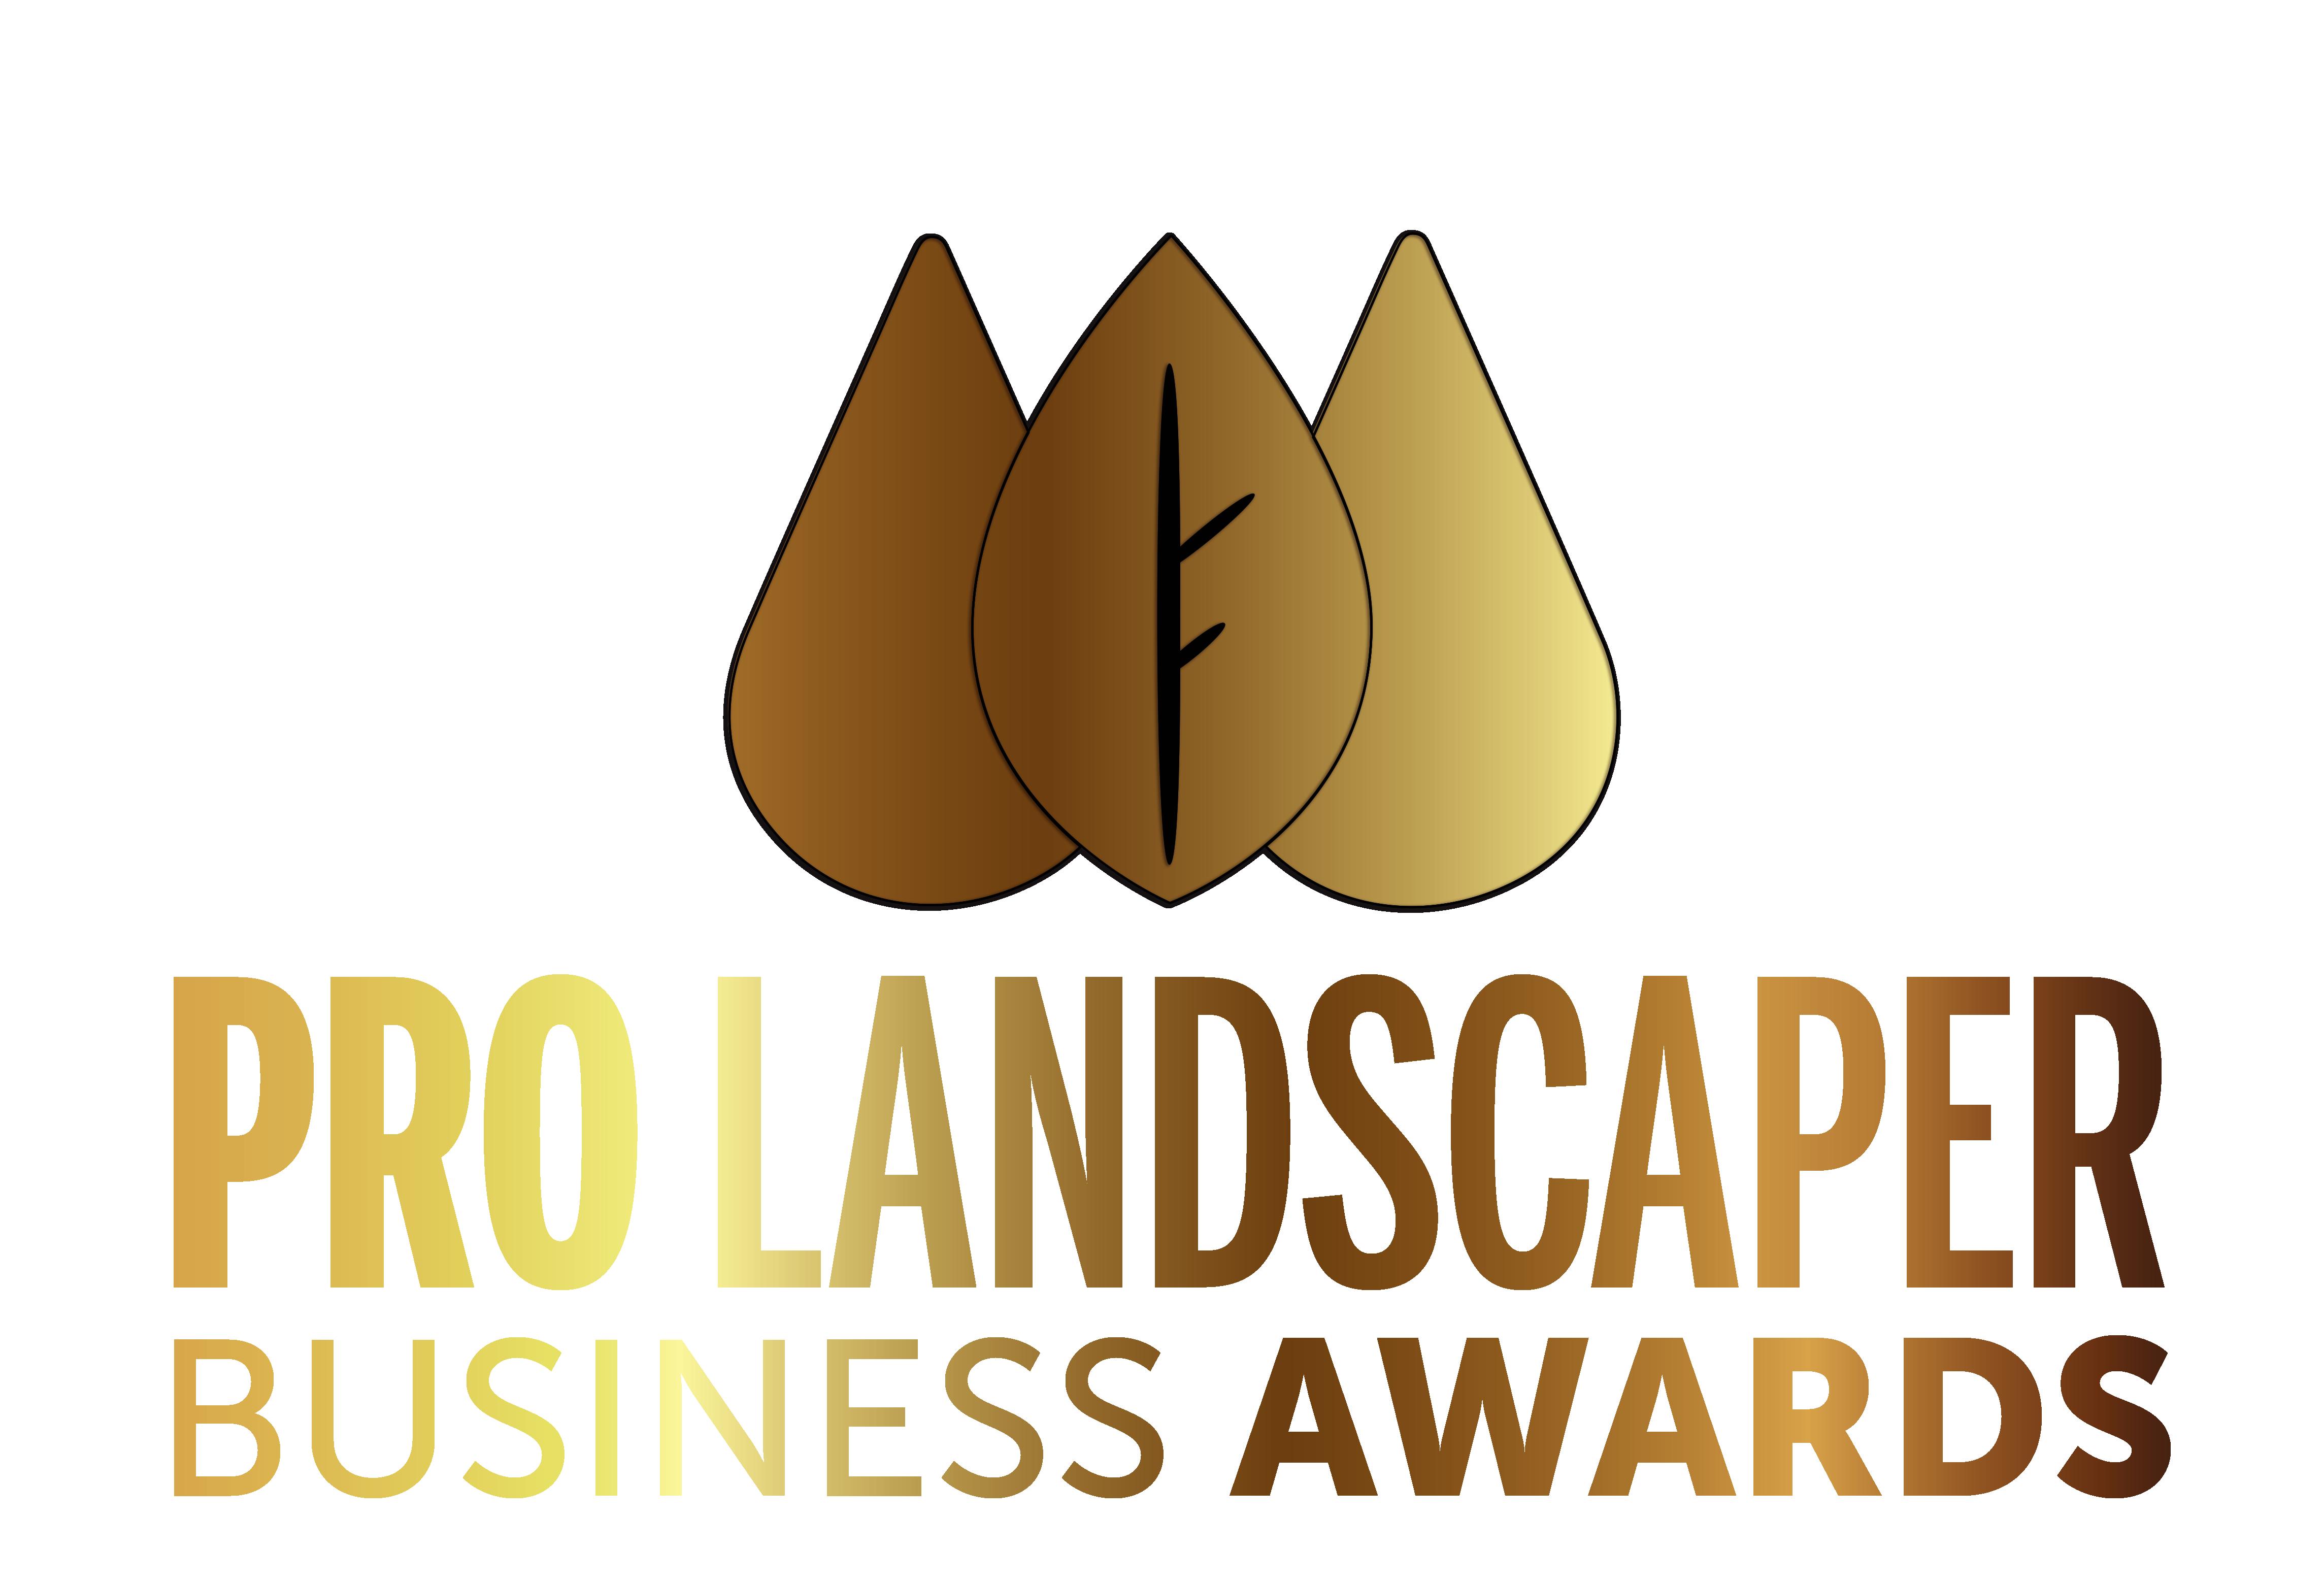 Register your interest for the Pro Landscaper Business Awards 2022